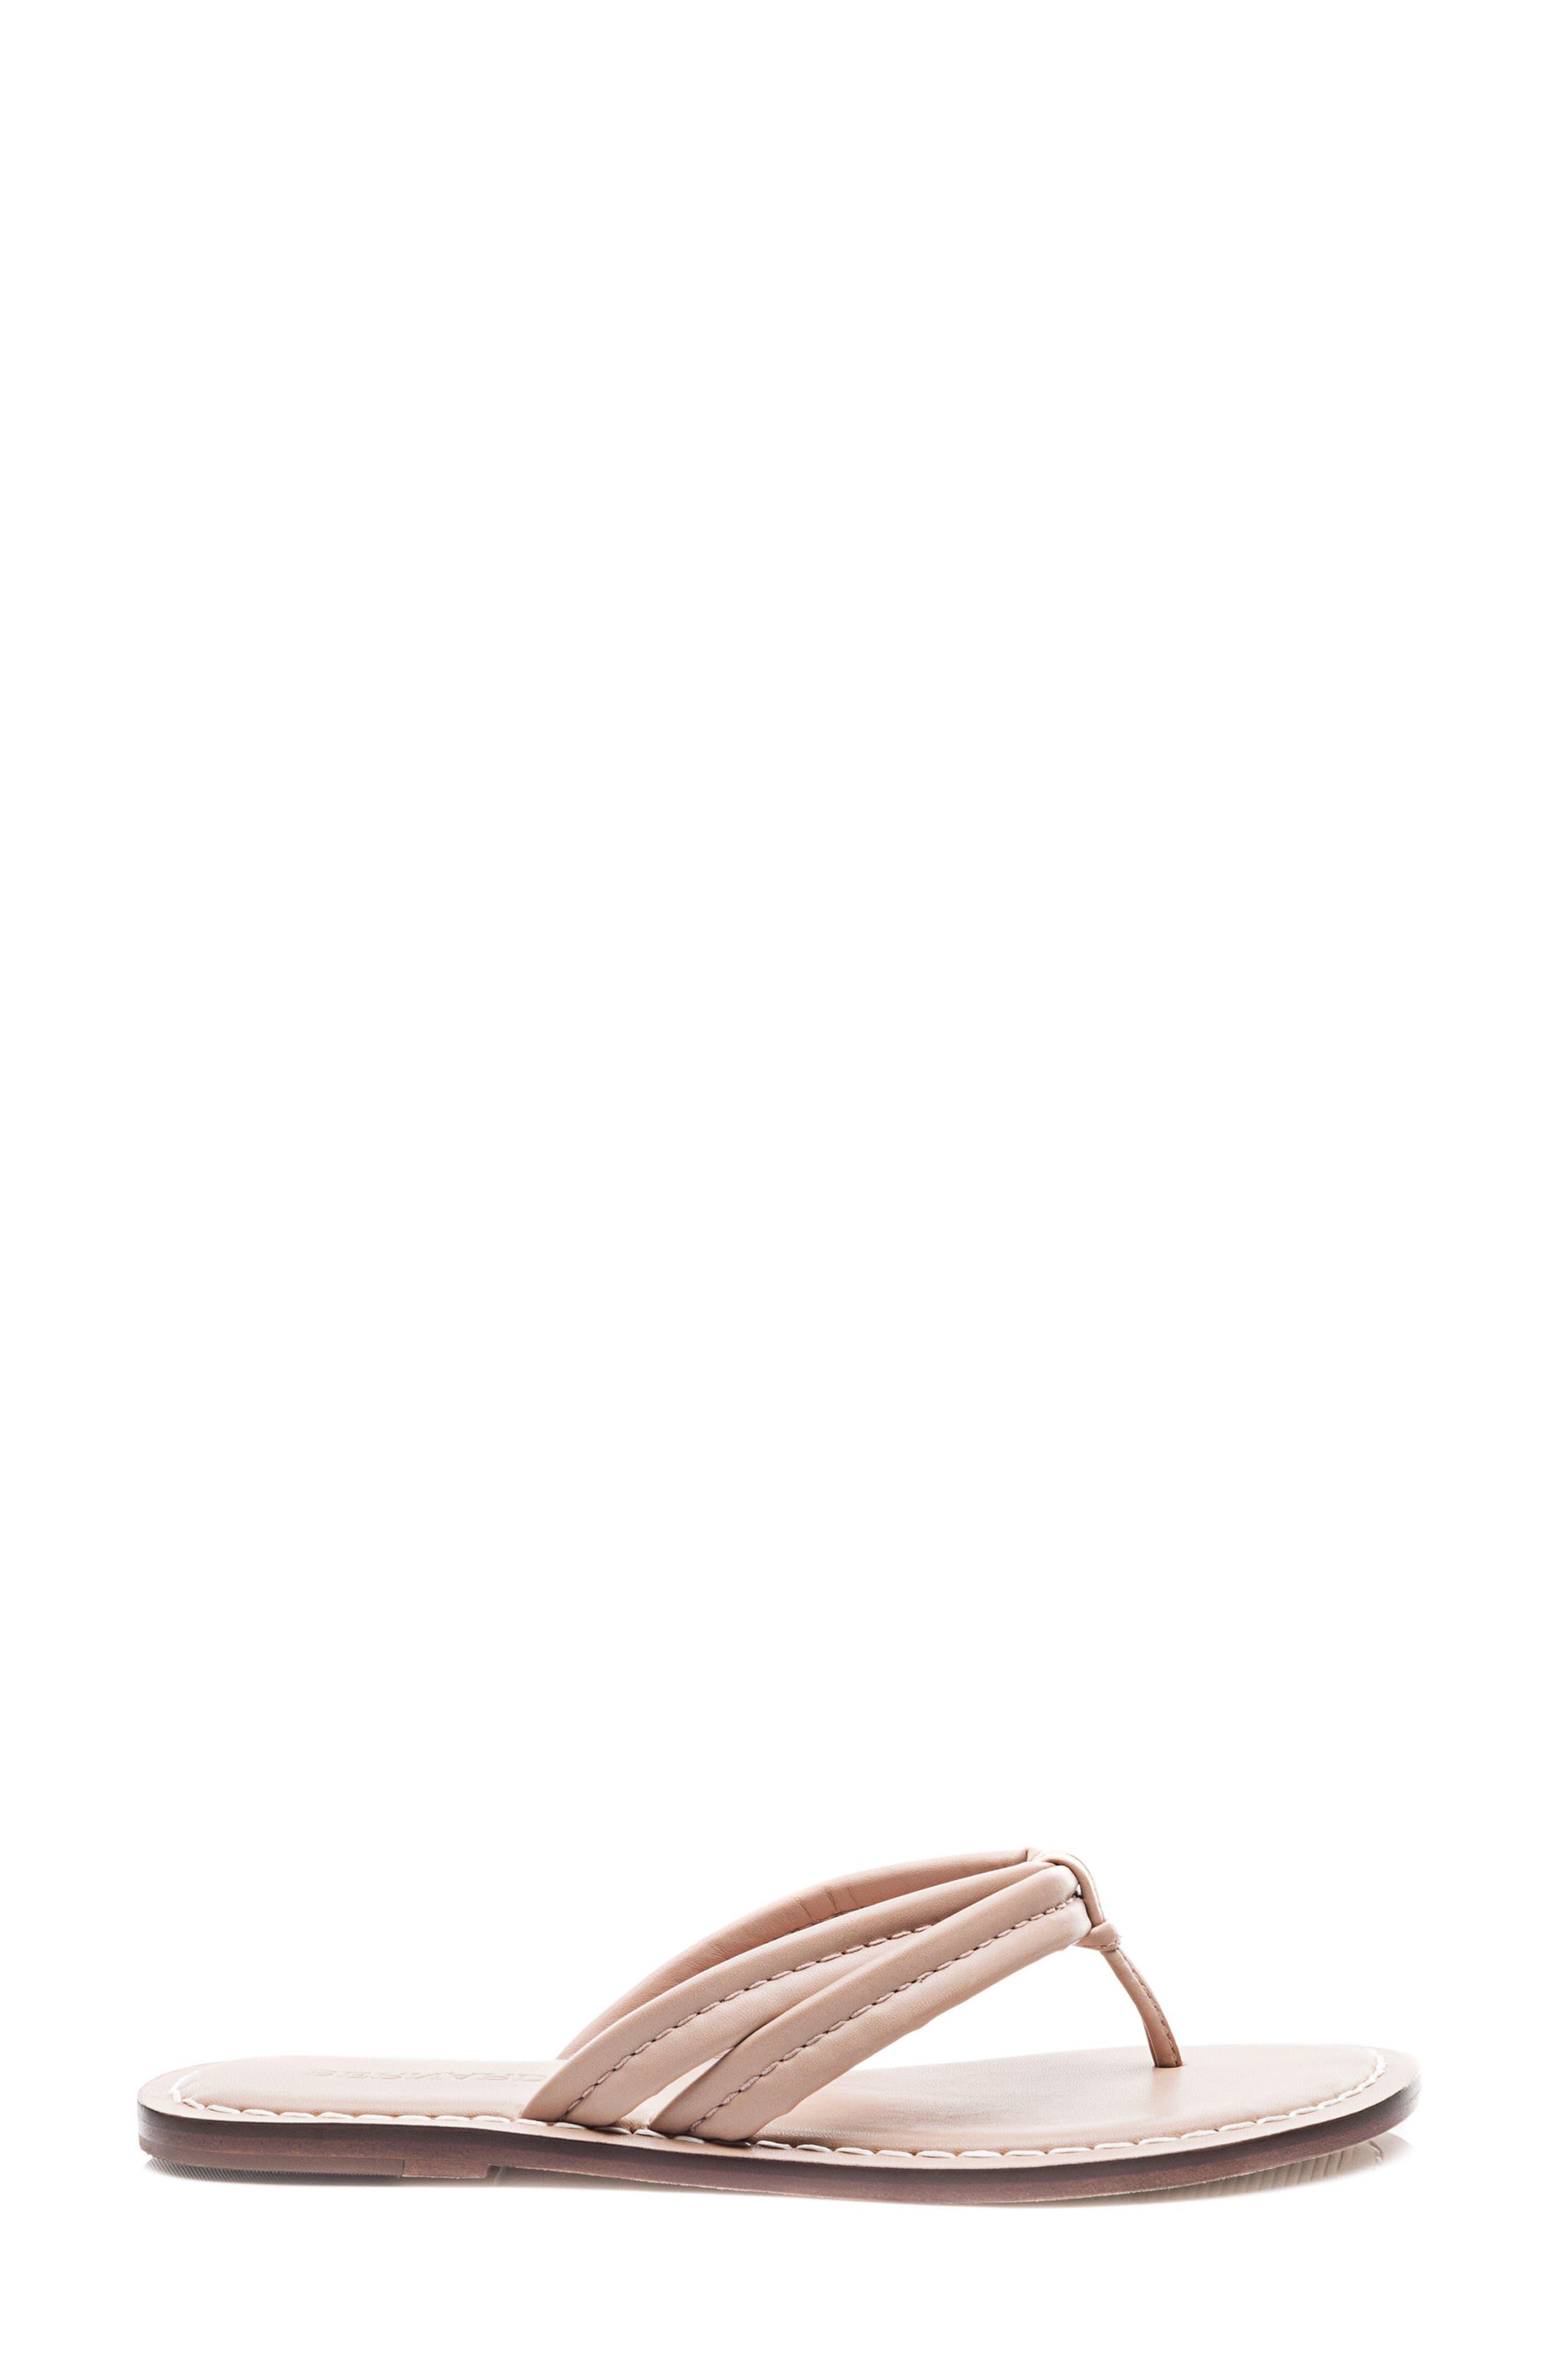 Bernardo Miami Sandal,                             Alternate thumbnail 3, color,                             Blush Leather